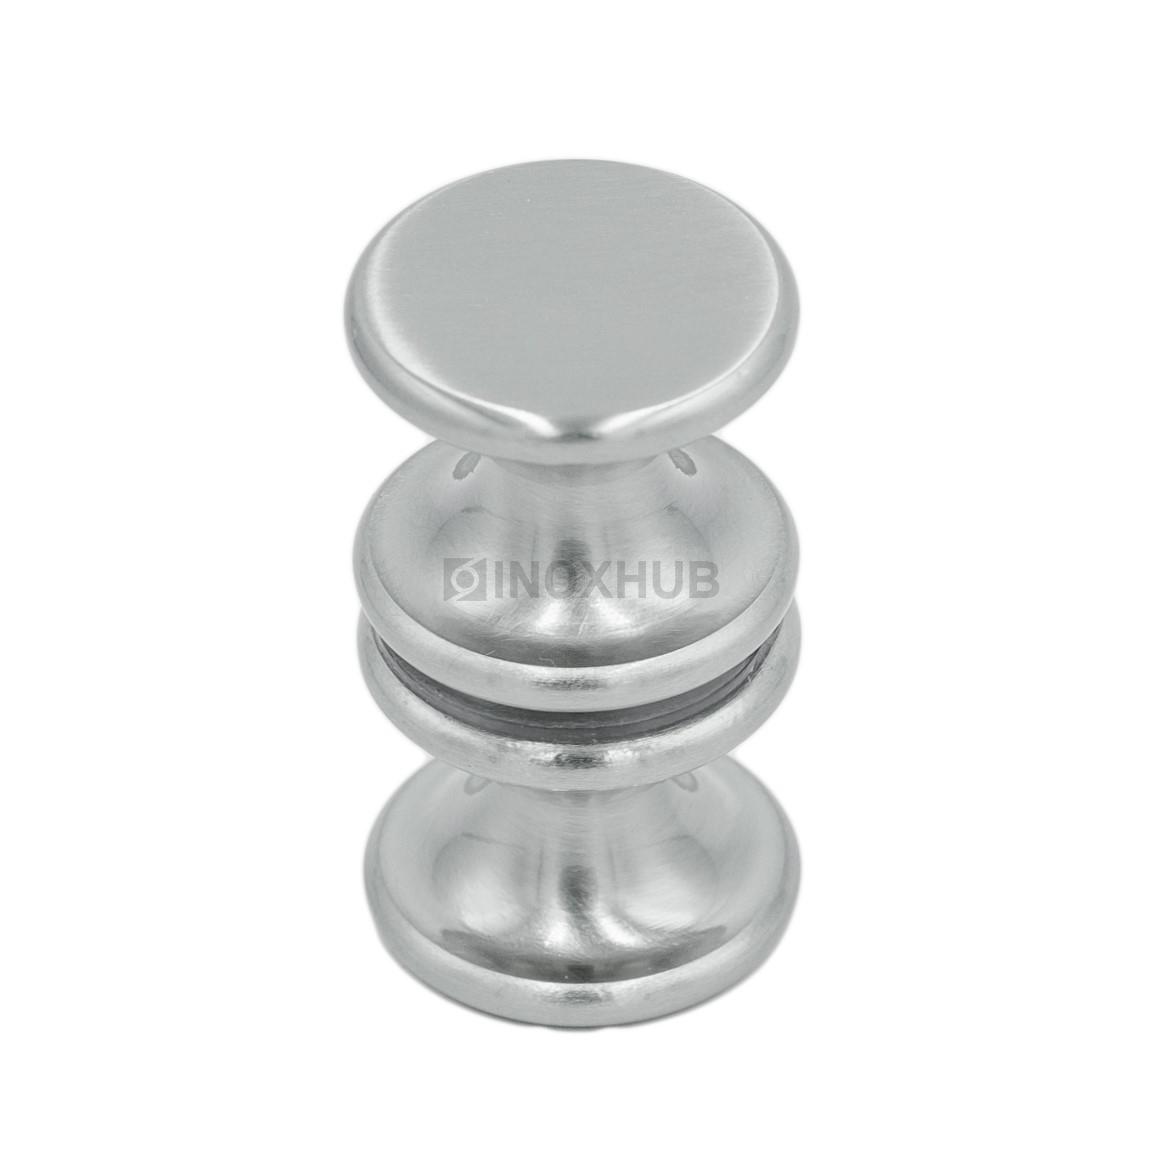 Кноб (691 SC) стекло 6.0-12.0 ммм хром матовый